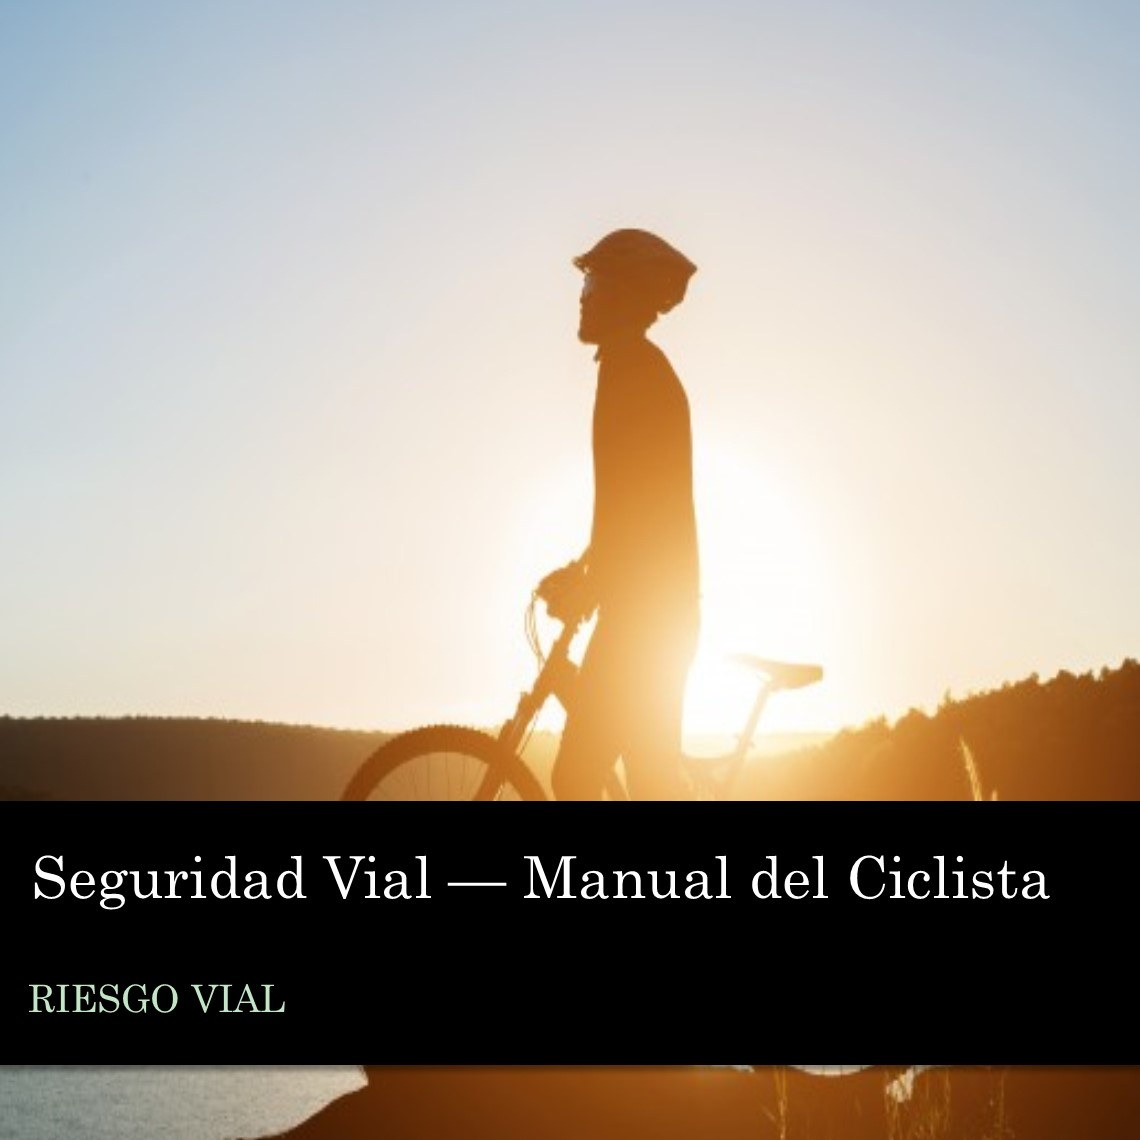 Seguridad Vial - Manual del Ciclista